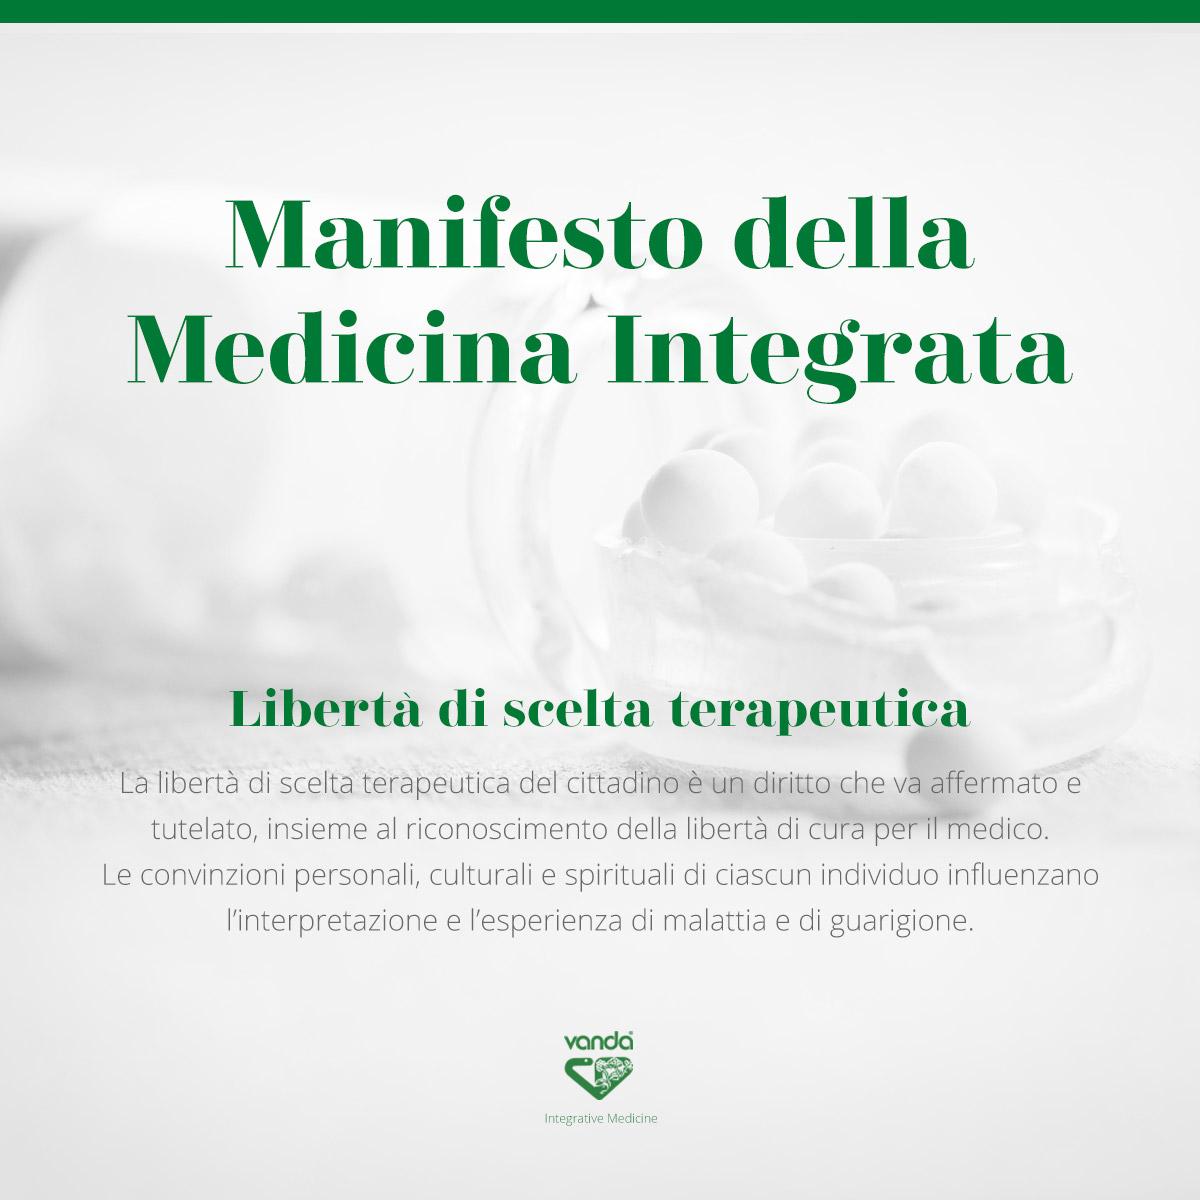 Libertà di scelta terapeutica. I Valori della Medicina Integrata 1a061534b17